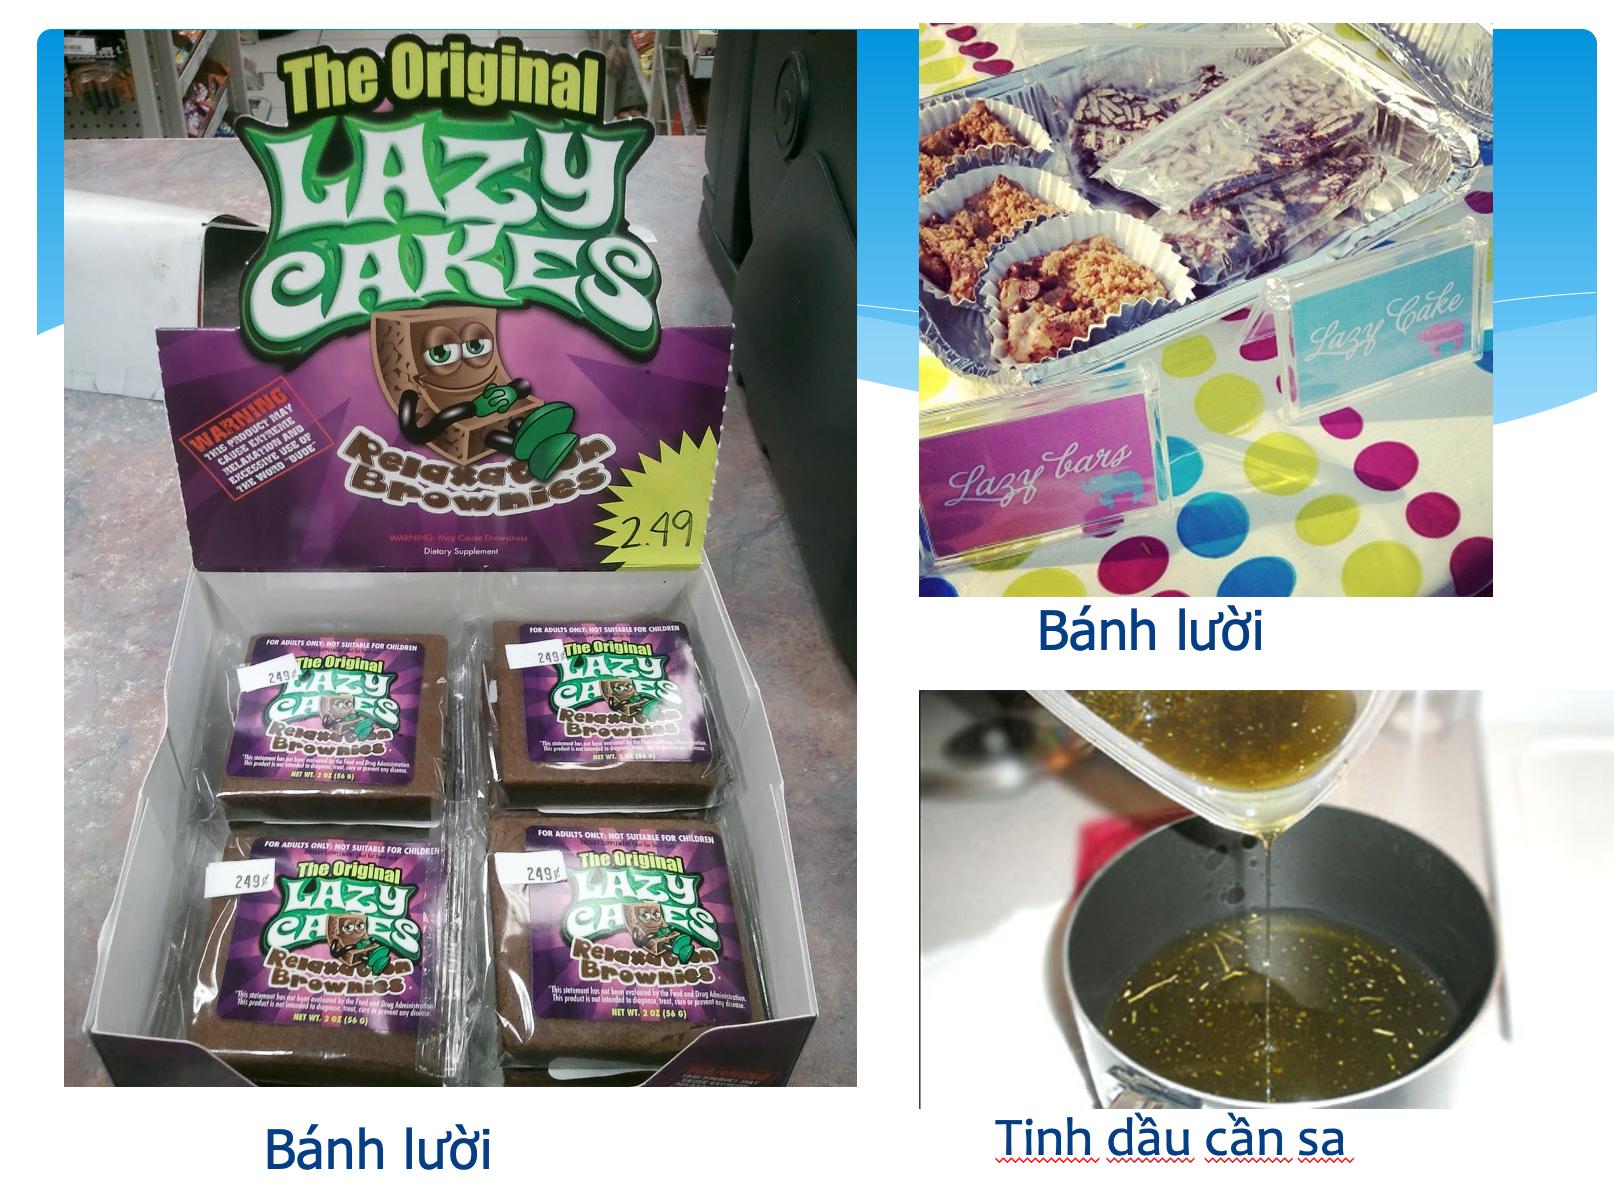 Hình ảnh về bánh, kẹo tẩm cần sa do Công an Hà Nội cung cấp